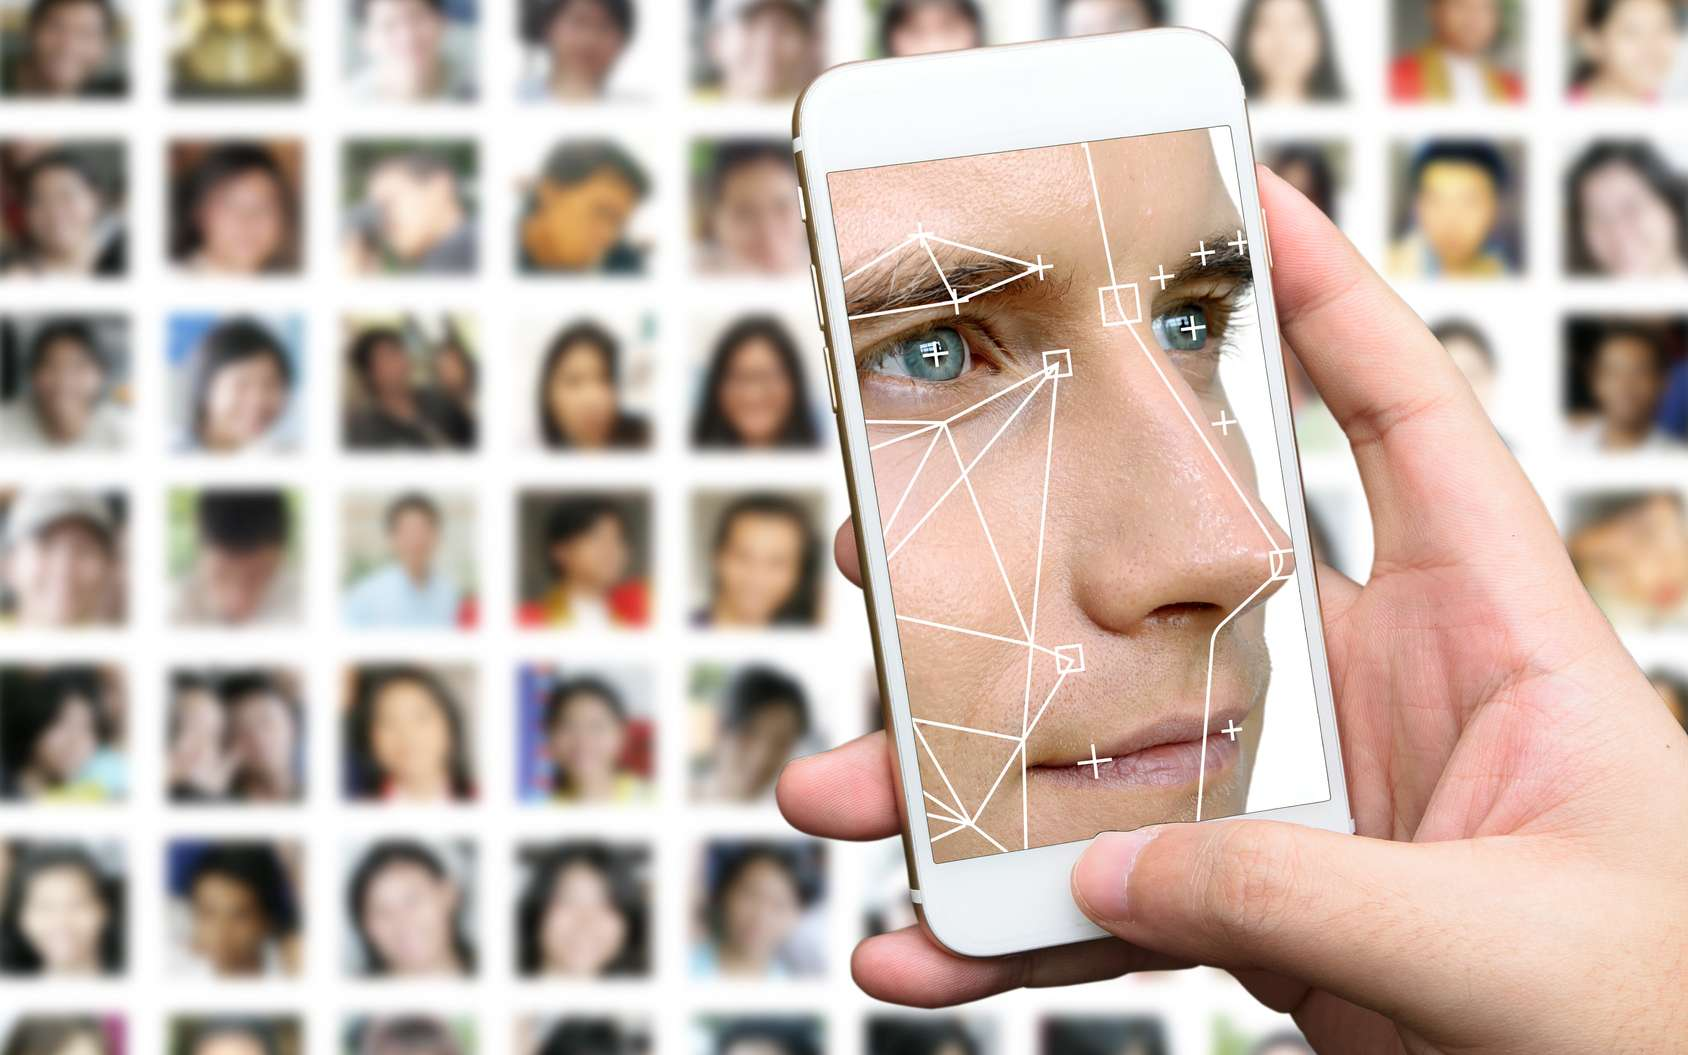 Les bases de données utilisées pour l'analyse des visages ne sont pas assez diversifiées pour garantir un fonctionnement équilibré quel que soit le sexe et la couleur de peau. © Zapp2photo, Fotolia